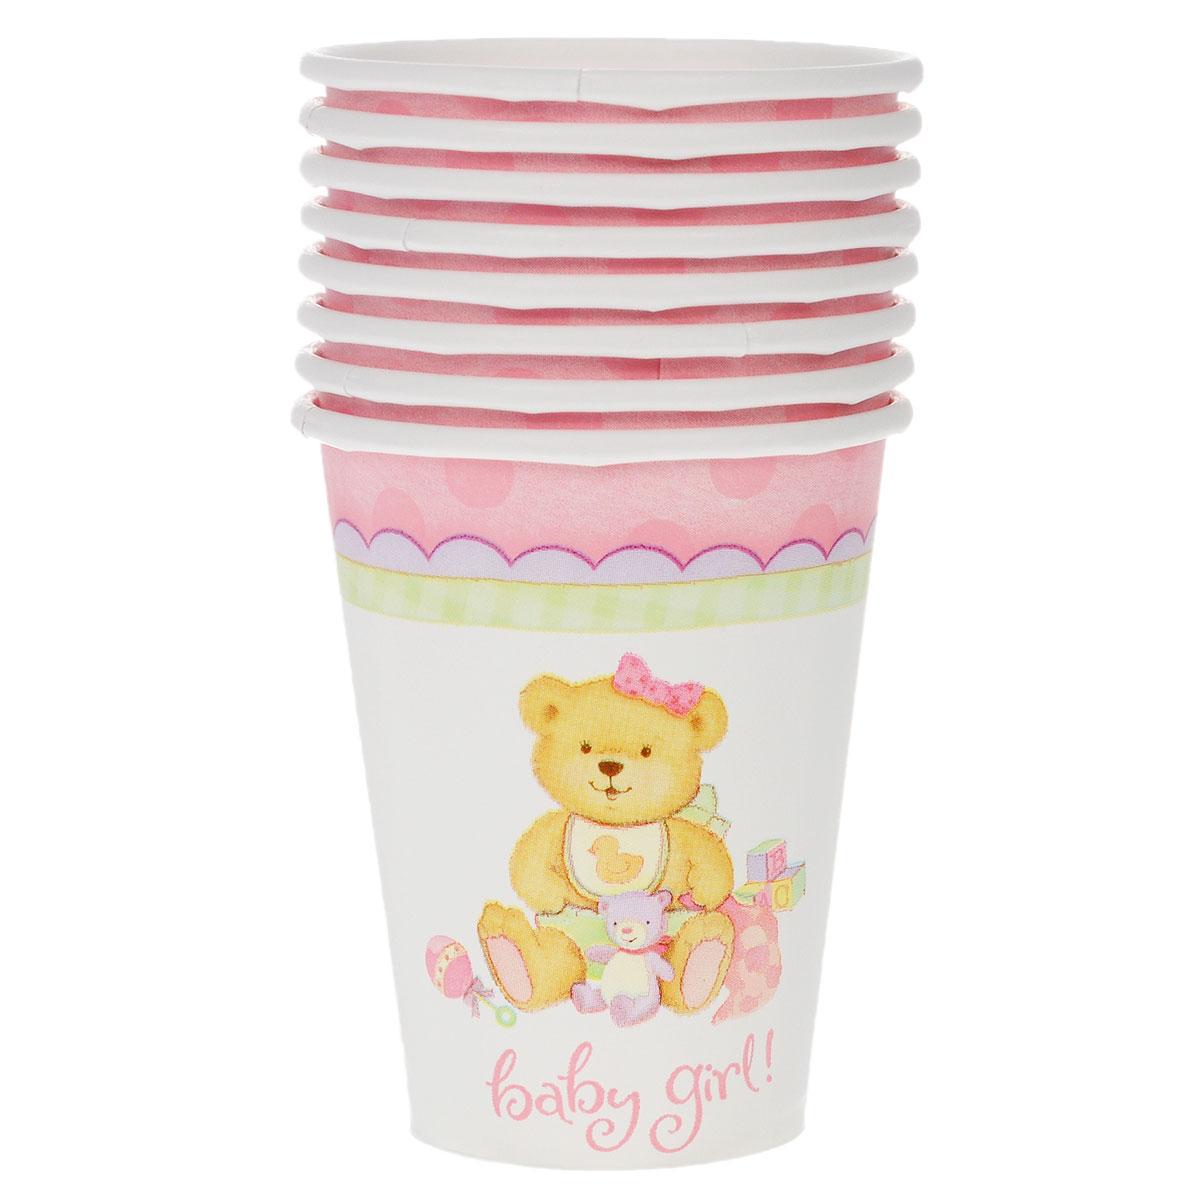 """Стакан Веселая затея """"Медвежонок девочка"""" изготовлен из качественной пищевой бумаги. Оформлен изображением милого медвежонка-девочки в окружении игрушек.Изделие станет великолепным дополнение к детскому торжеству. Такая посуда является экологически чистой, не наносит вреда здоровью и достаточно быстро самостоятельно утилизируется, не загрязняя окружающую среду. В комплекте 8 стаканов."""